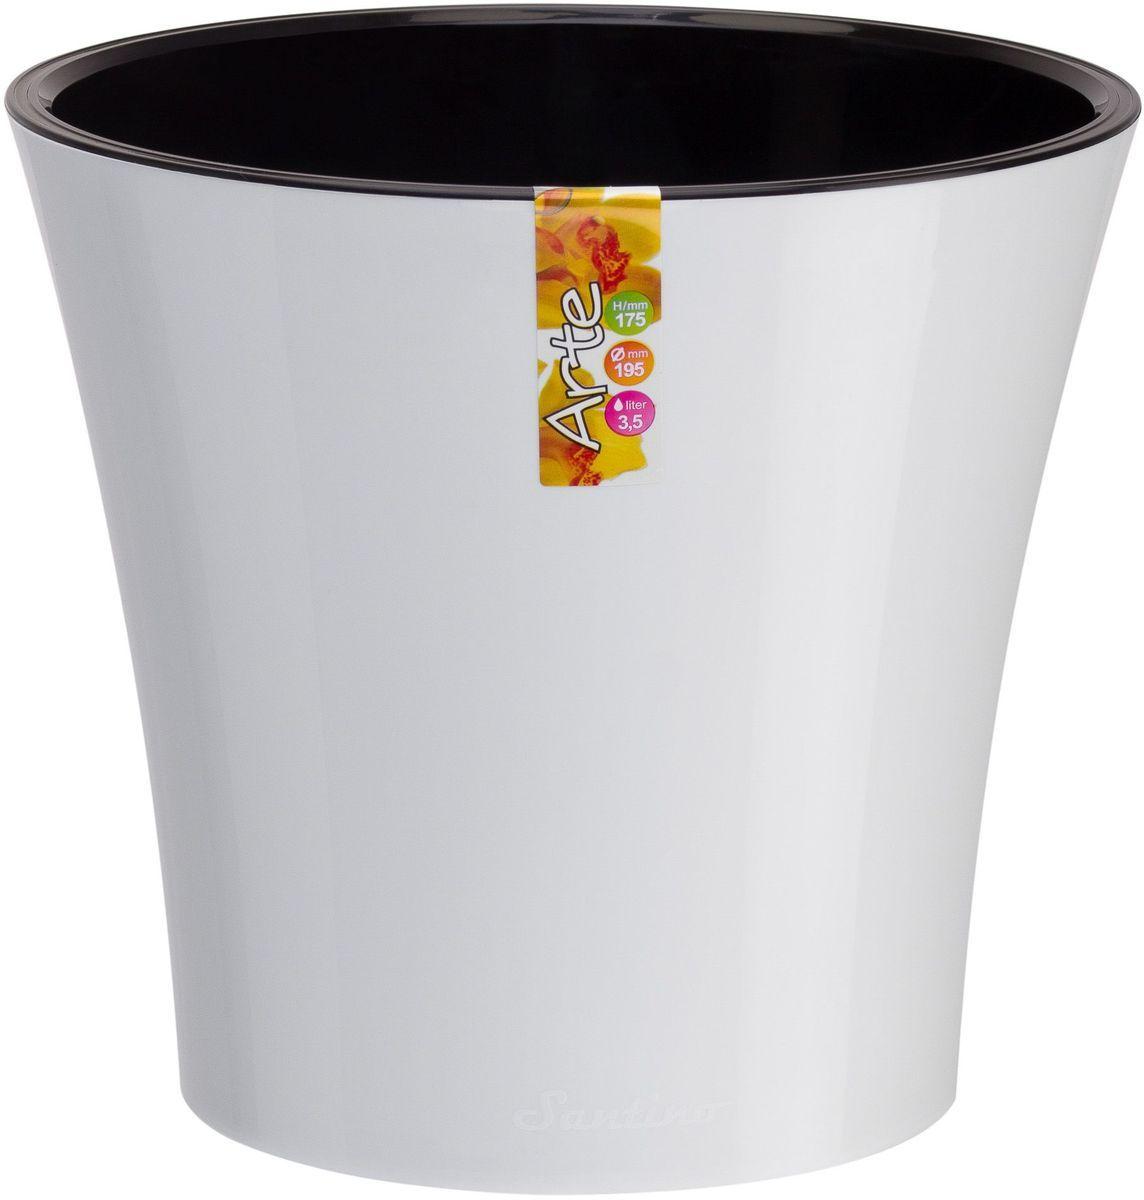 Горшок цветочный Santino Арте, двойной, с системой автополива, цвет: белый, черный, 2 лАРТ 2 Б-ЧСистем автополива - гарантия здоровья ваших цветов. Экономия времени - решение для самых занятых. Чистота и удобство - нет протекания воды при поливе. Здоровые корини - нет застаивания корней в воде. Оптимальный рост - корни обеспечены циркуляцией воздуха.